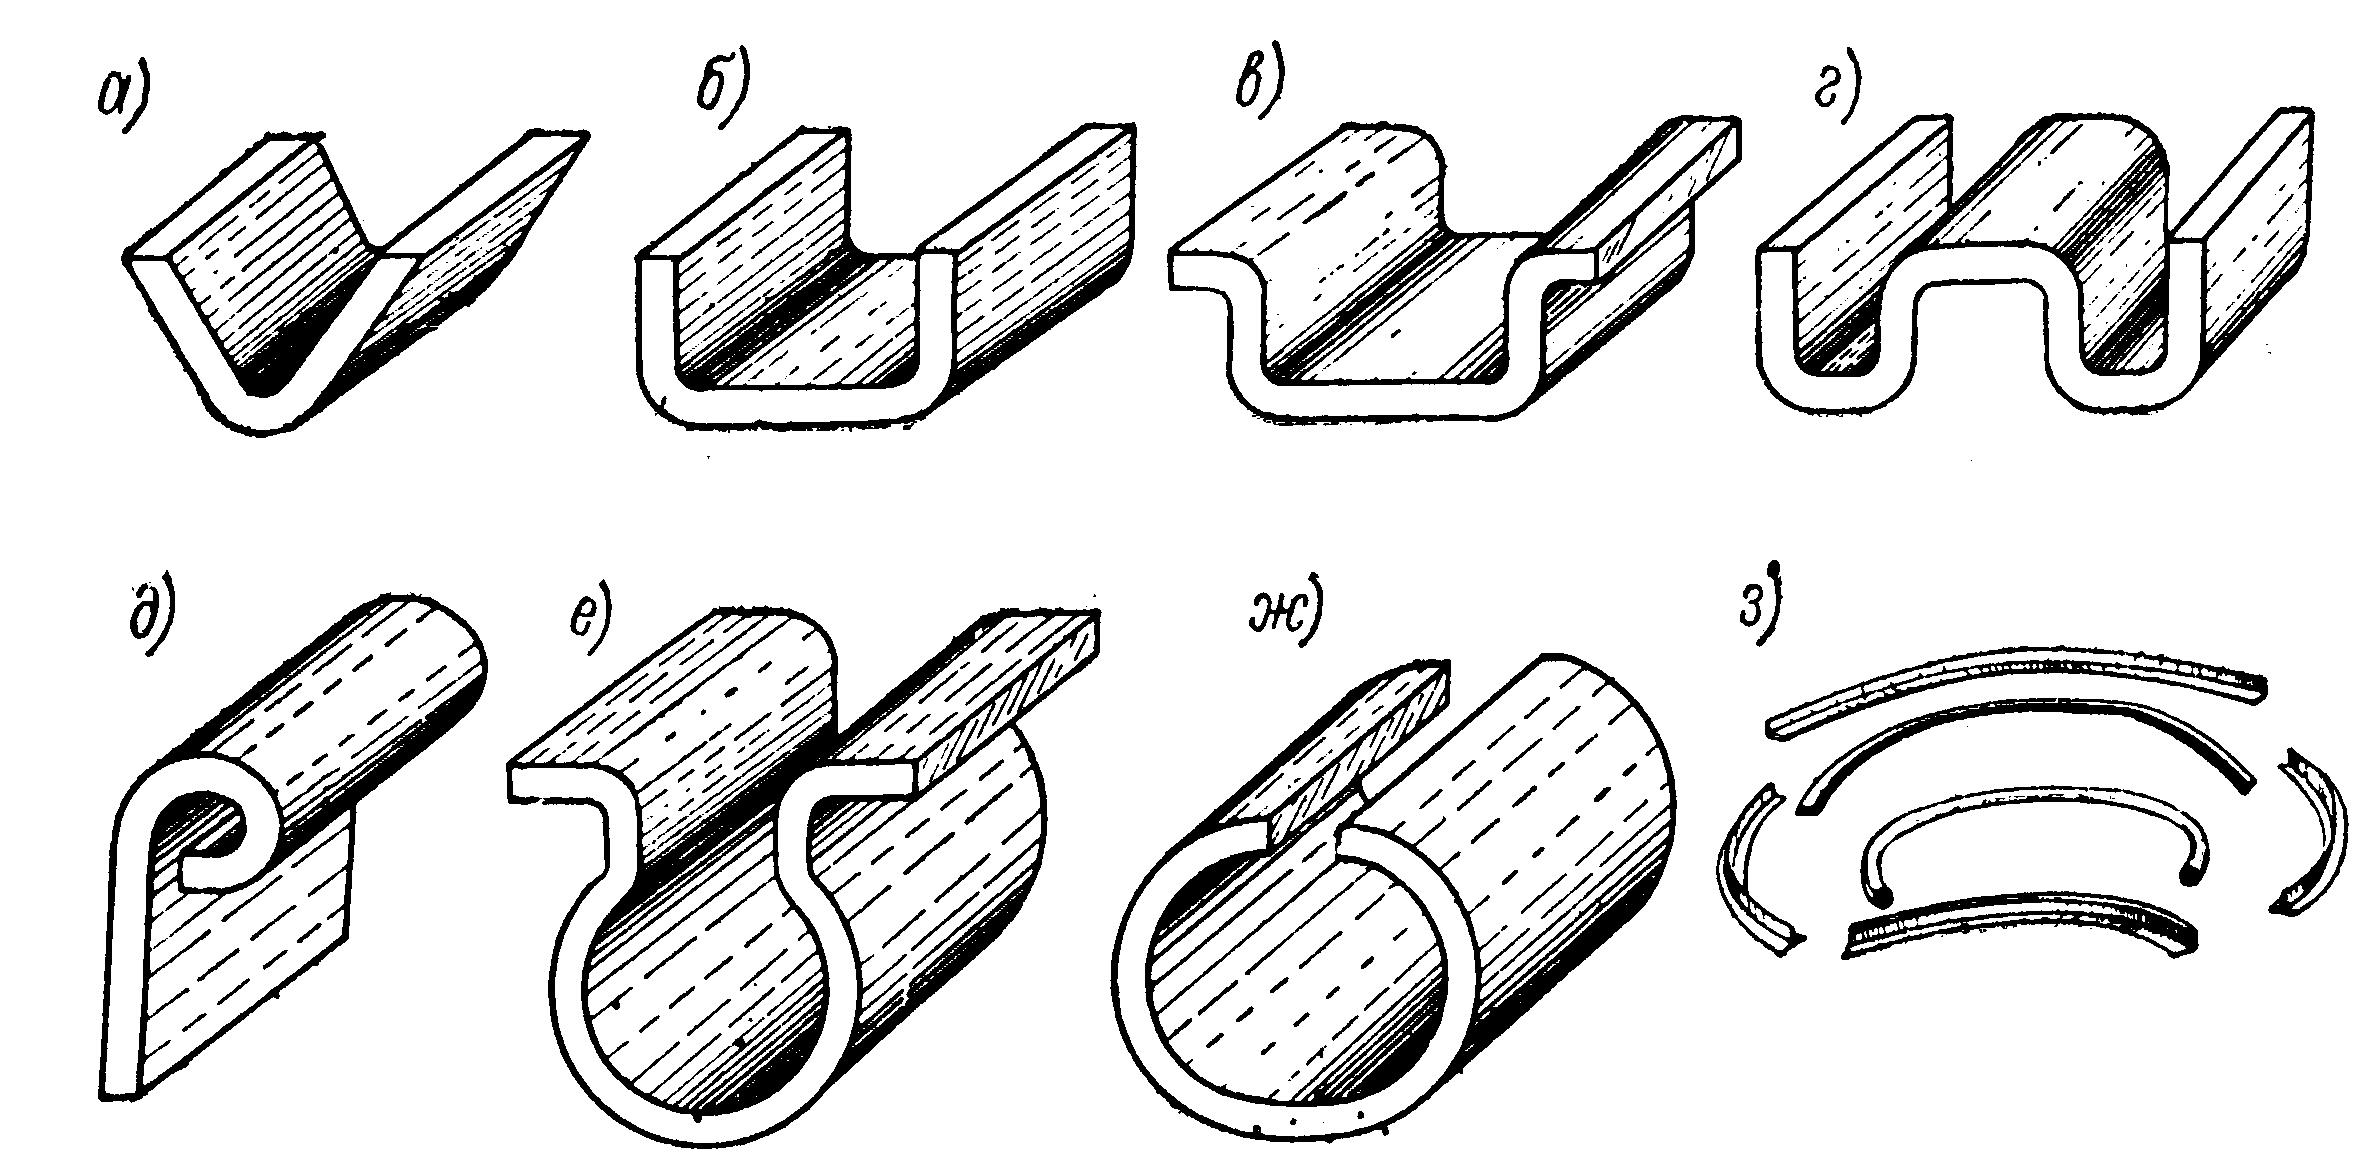 Виды гибок Одноугловая или V -образная (рис.1 а) - двуугловая  или U- образная  (рис.1 б ) - многоугловая  (рис.1 в, г); - криволинейная  (рис.1 д, е, з) и позволяющая получать изделия типа труб (рис.1 ж)